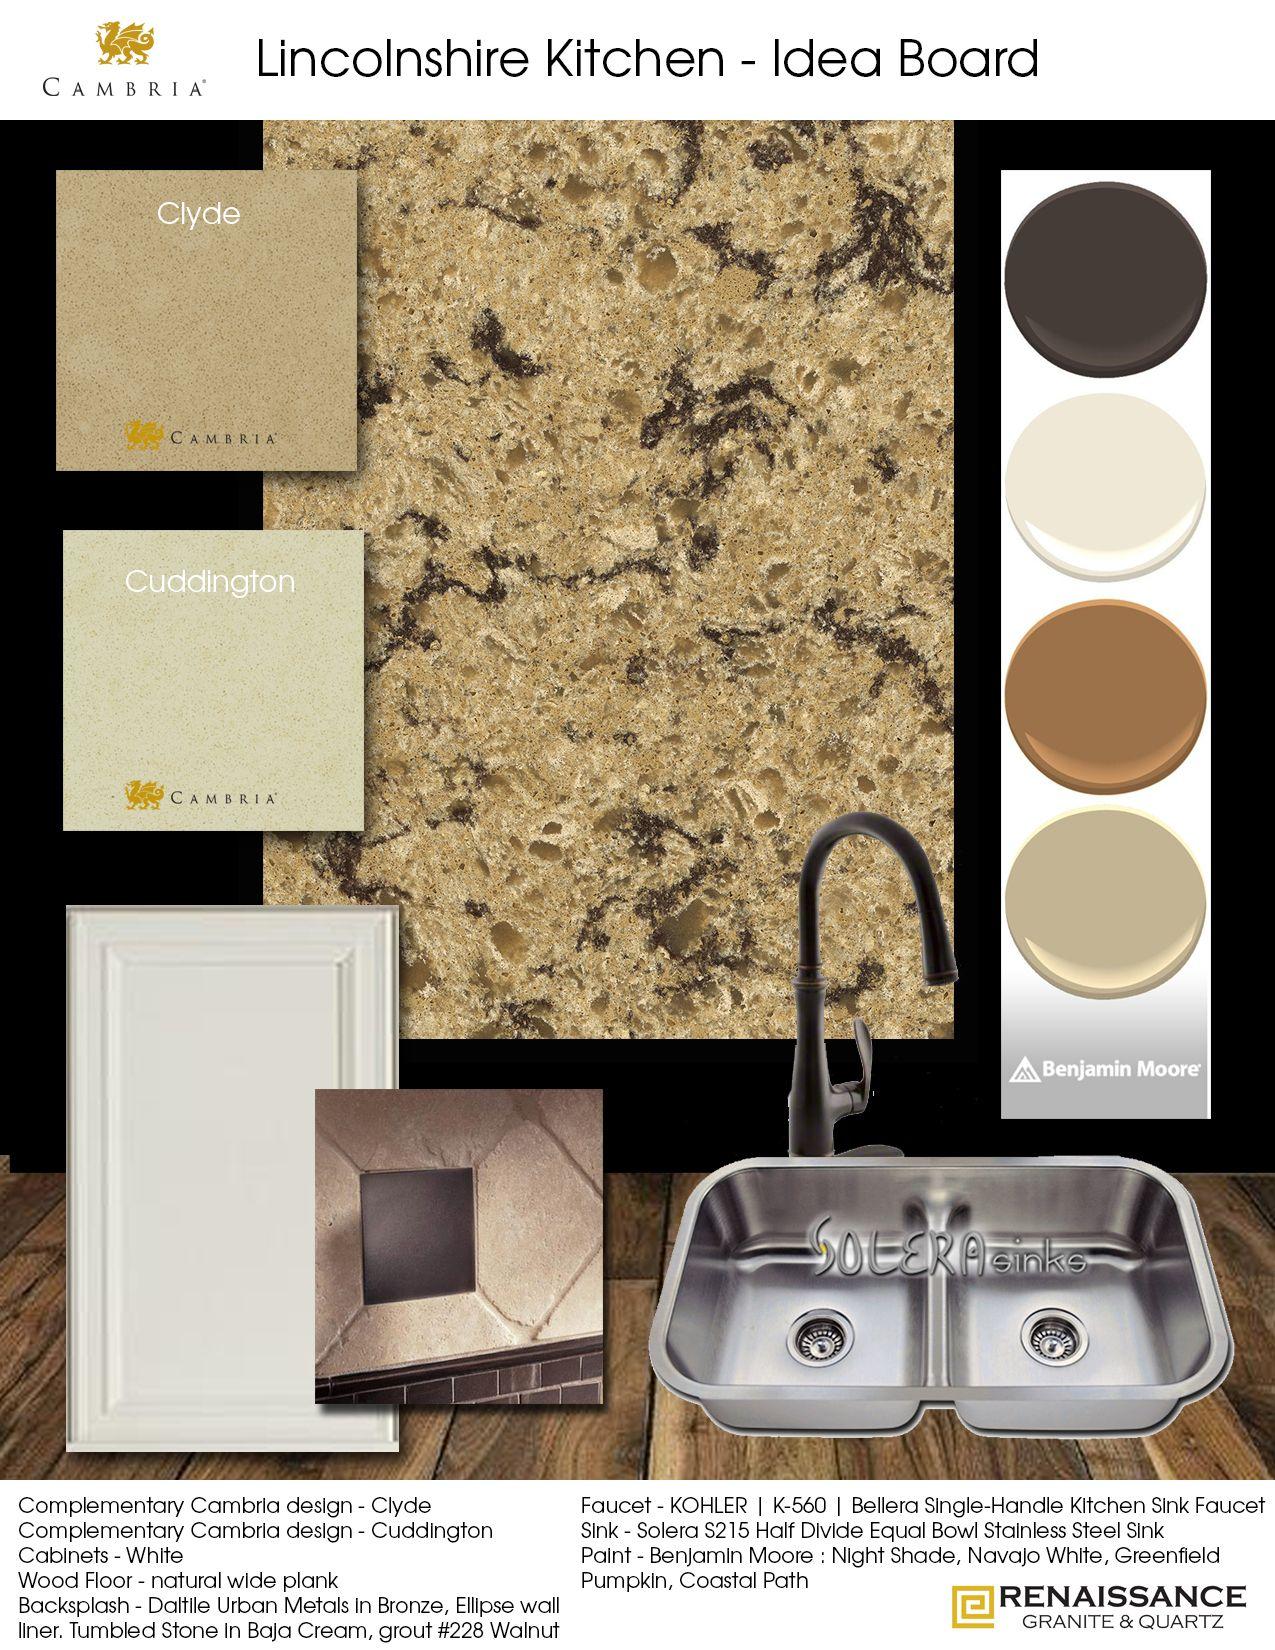 Cambria clyde kitchen and bathroom countertop color -  Cambria Lincolnshire Kitchen Idea Board